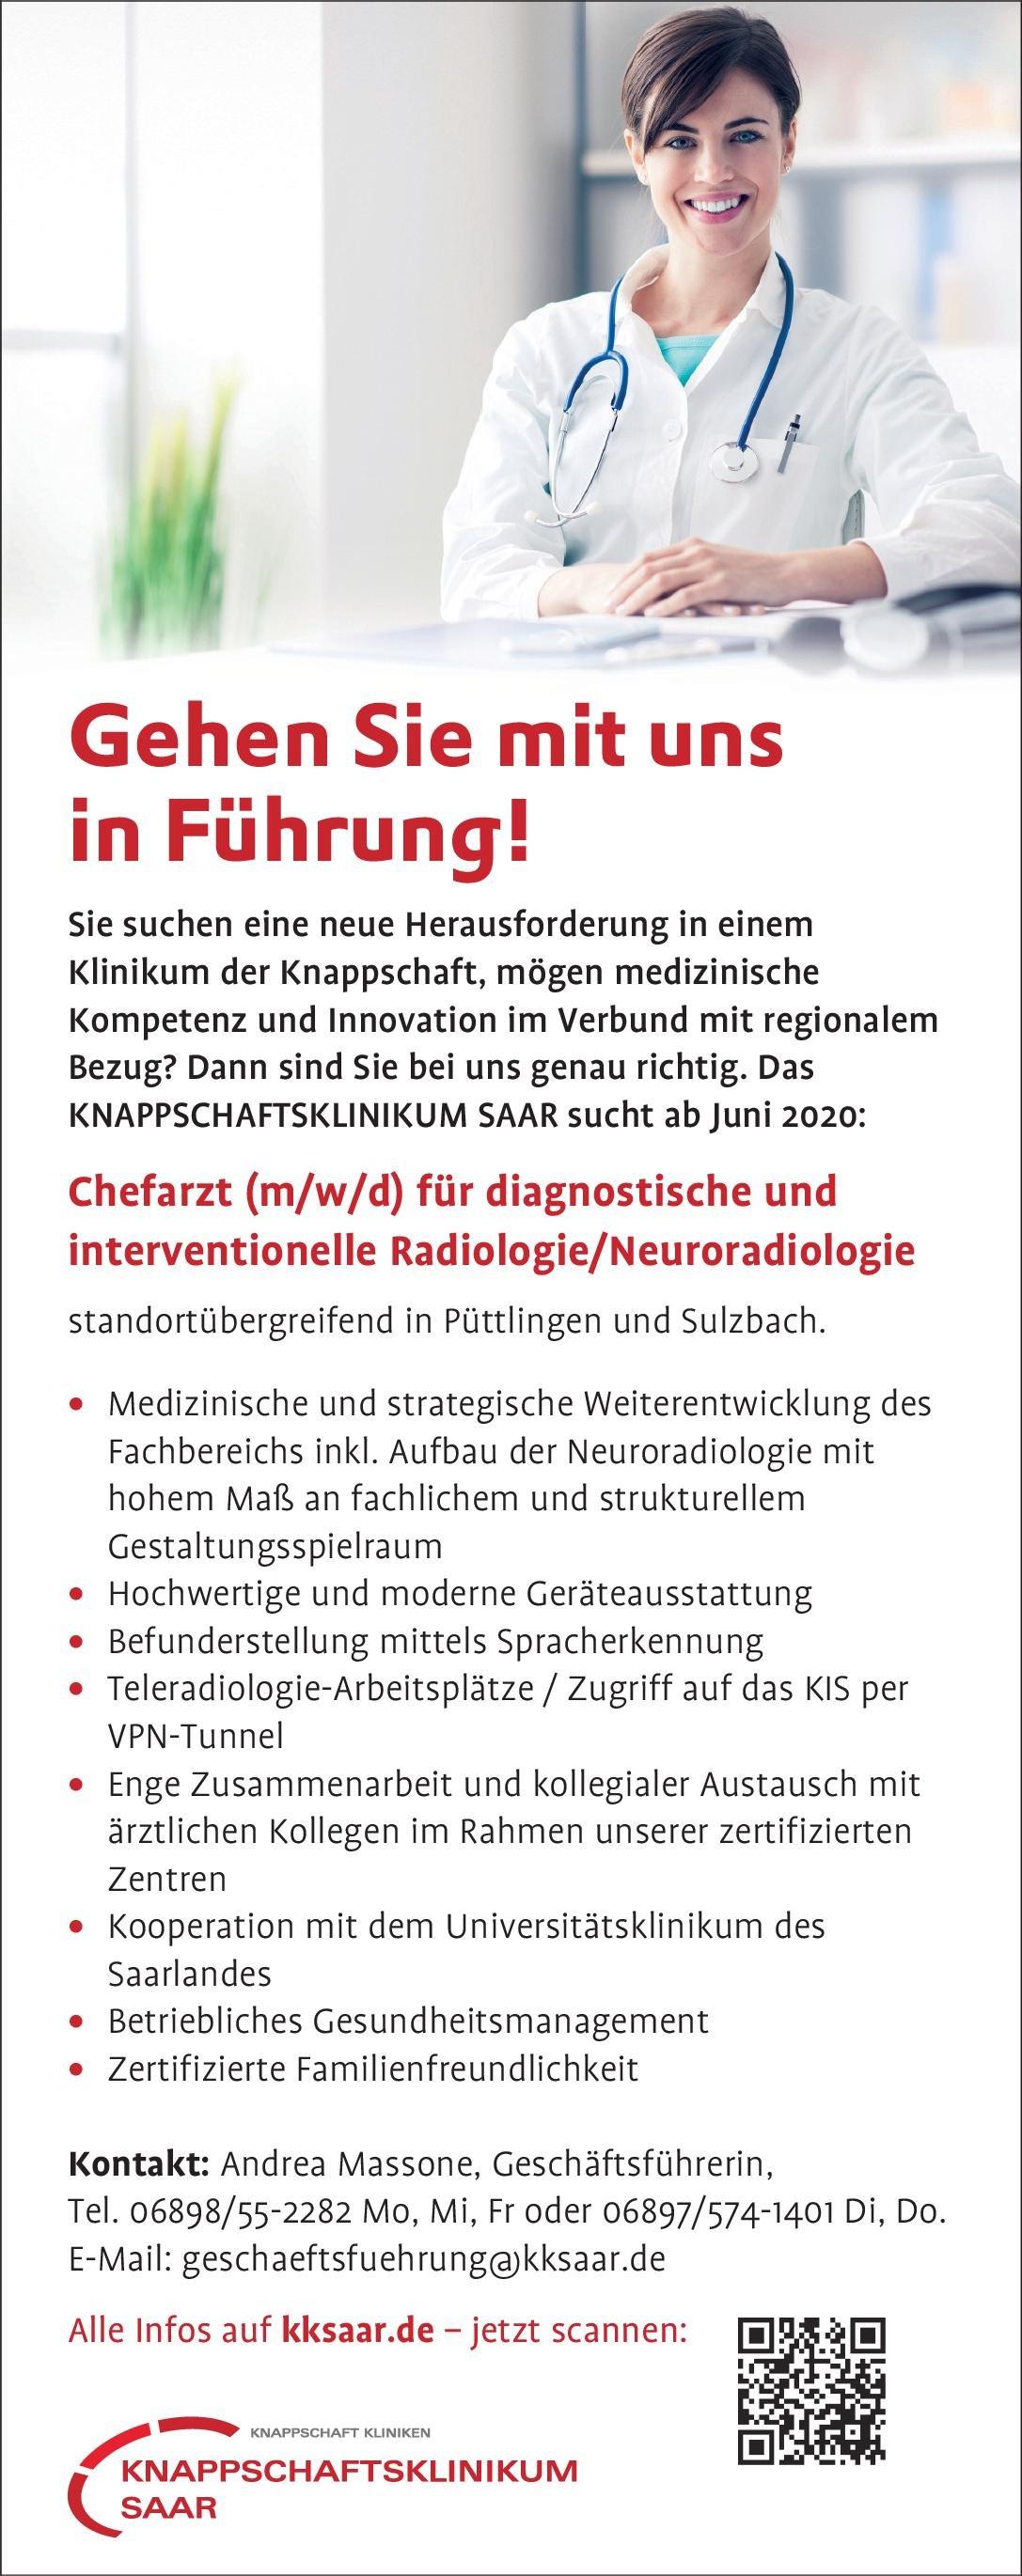 KNAPPSCHAFTSKLINIKUM SAAR Chefarzt (m/w/d) für diagnostische und interventionelle Radiologie/Neuroradiologie  Neuroradiologie, Radiologie, Radiologie Chefarzt